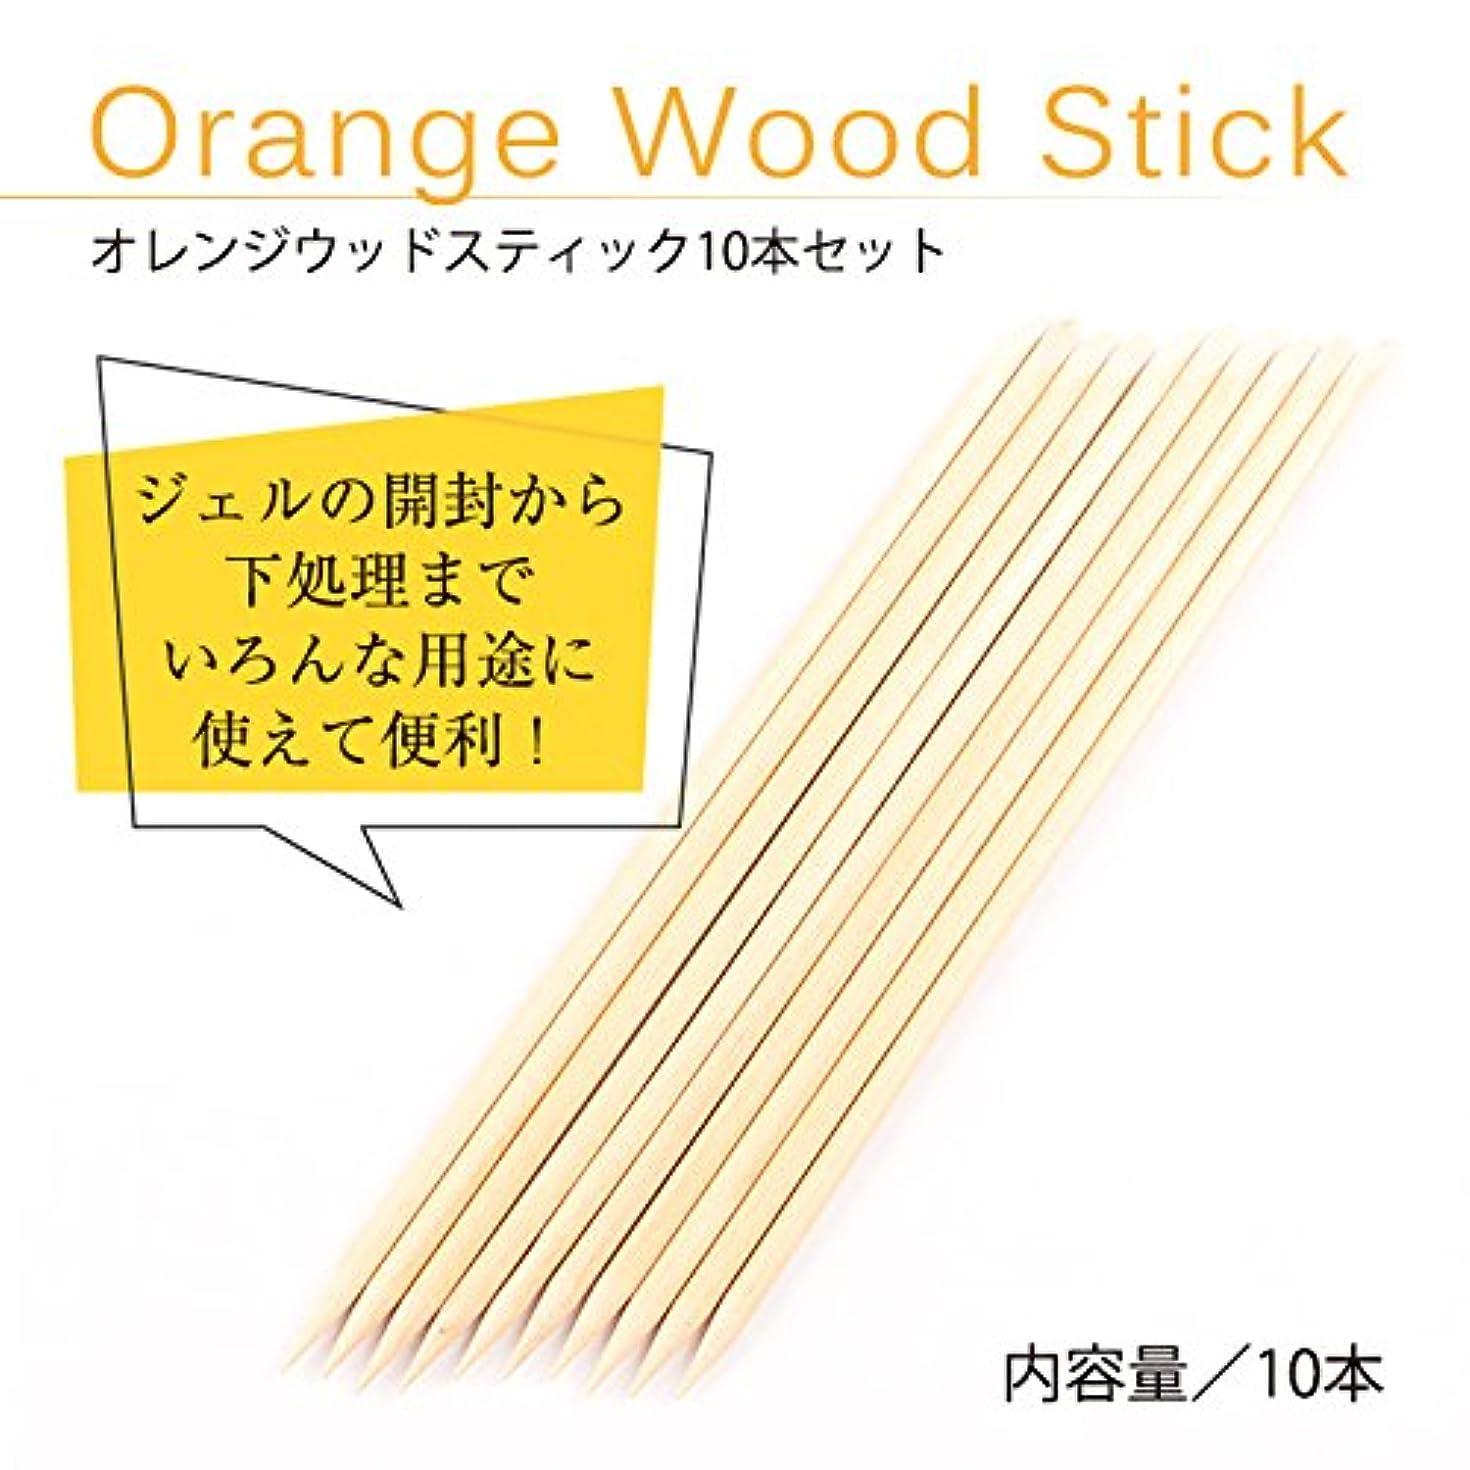 シリンダー記念日赤オレンジ ウッドスティック 10本セット ジェルネイル